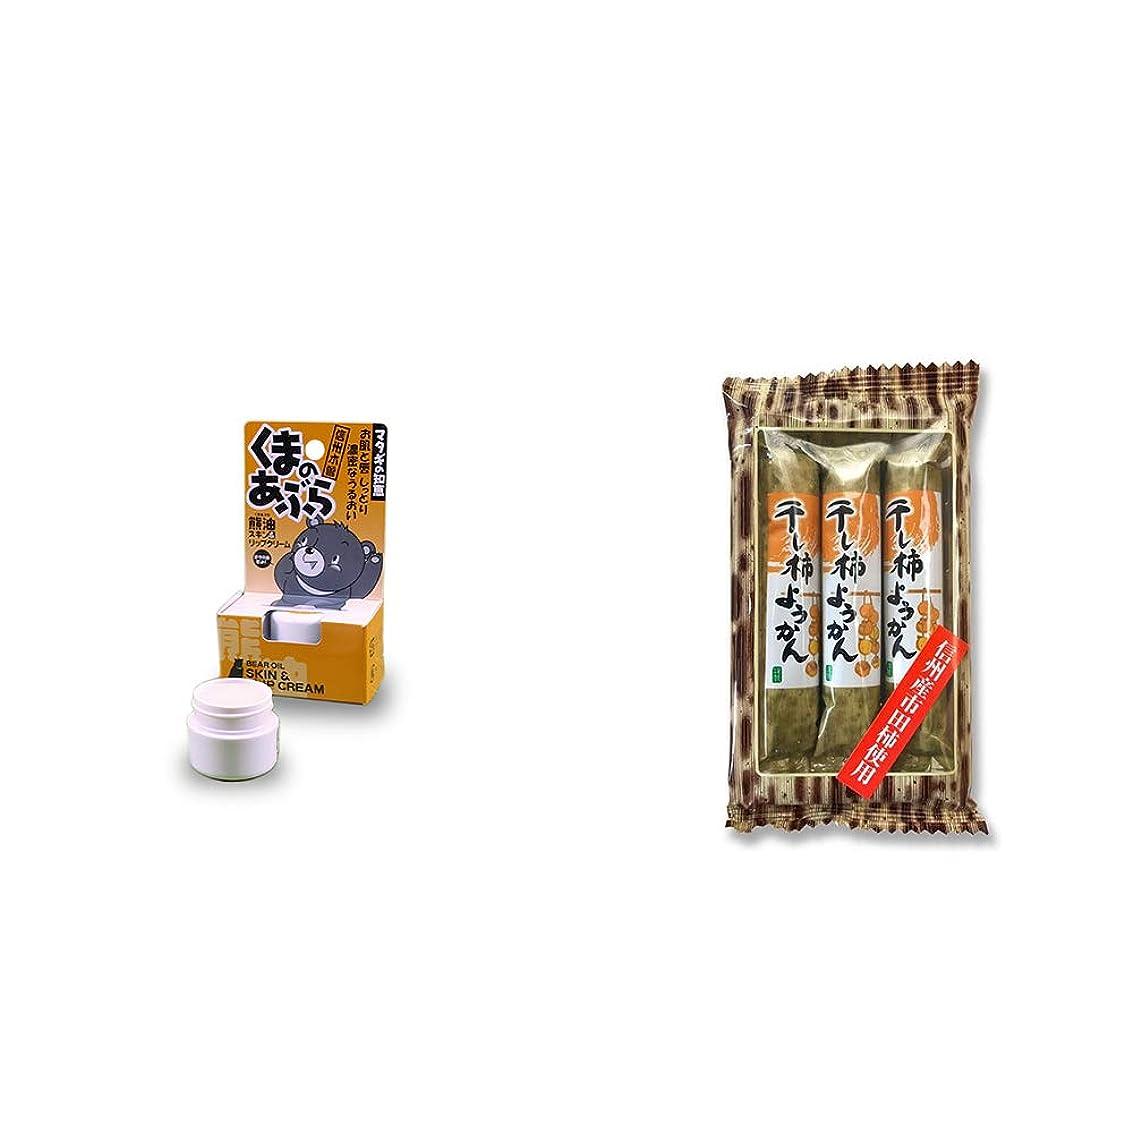 焼く輸血監督する[2点セット] 信州木曽 くまのあぶら 熊油スキン&リップクリーム(9g)?信州産市田柿使用 スティックようかん[柿](50g×3本)